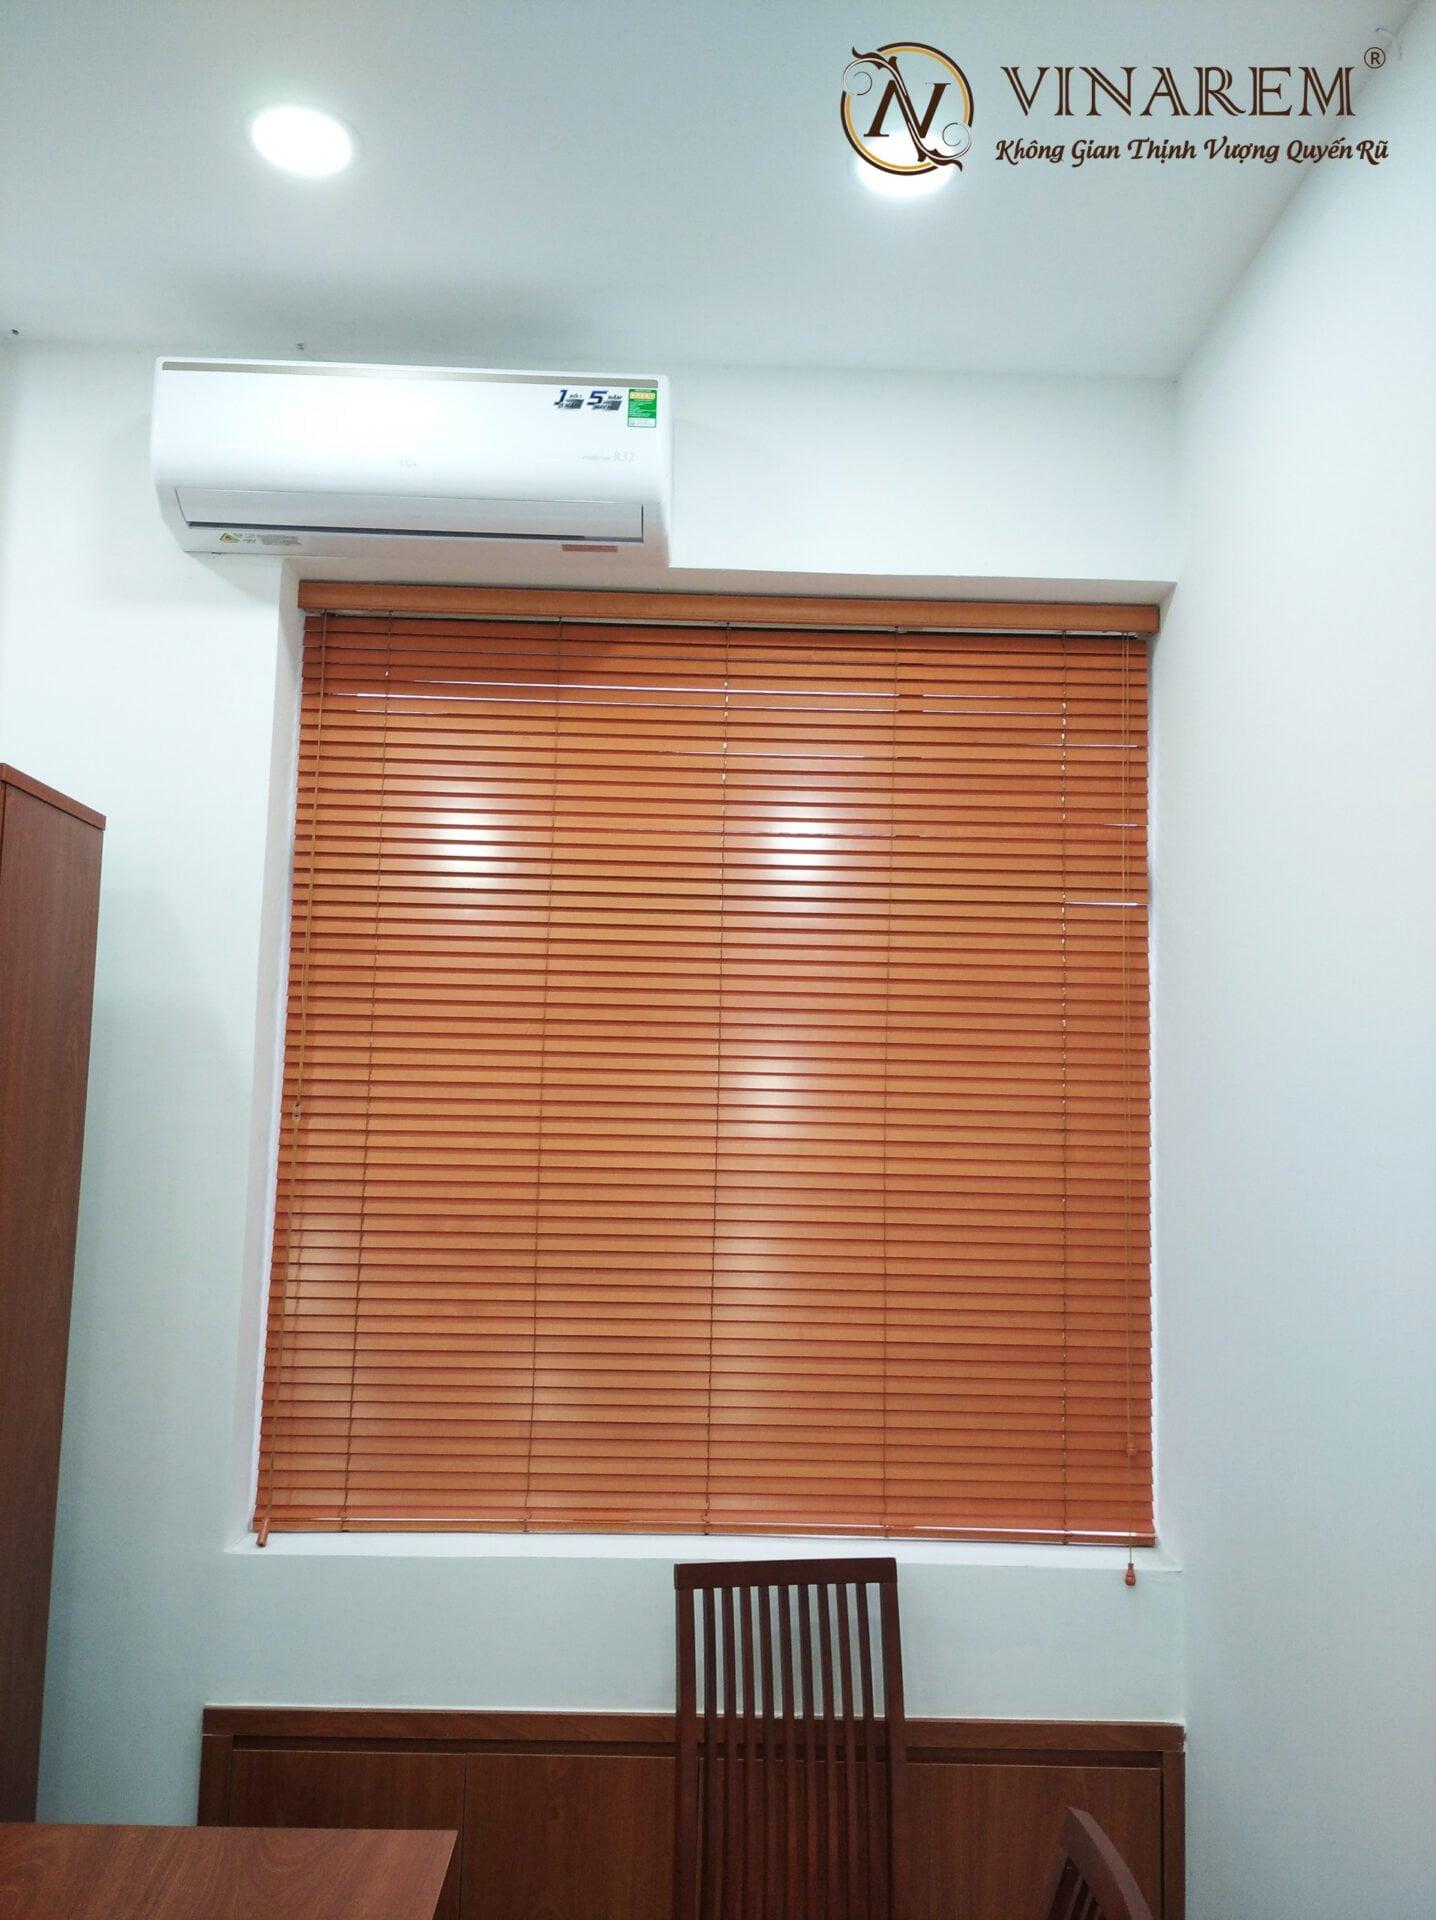 Rèm sáo gỗ cửa sổ văn phòng | Vinarem